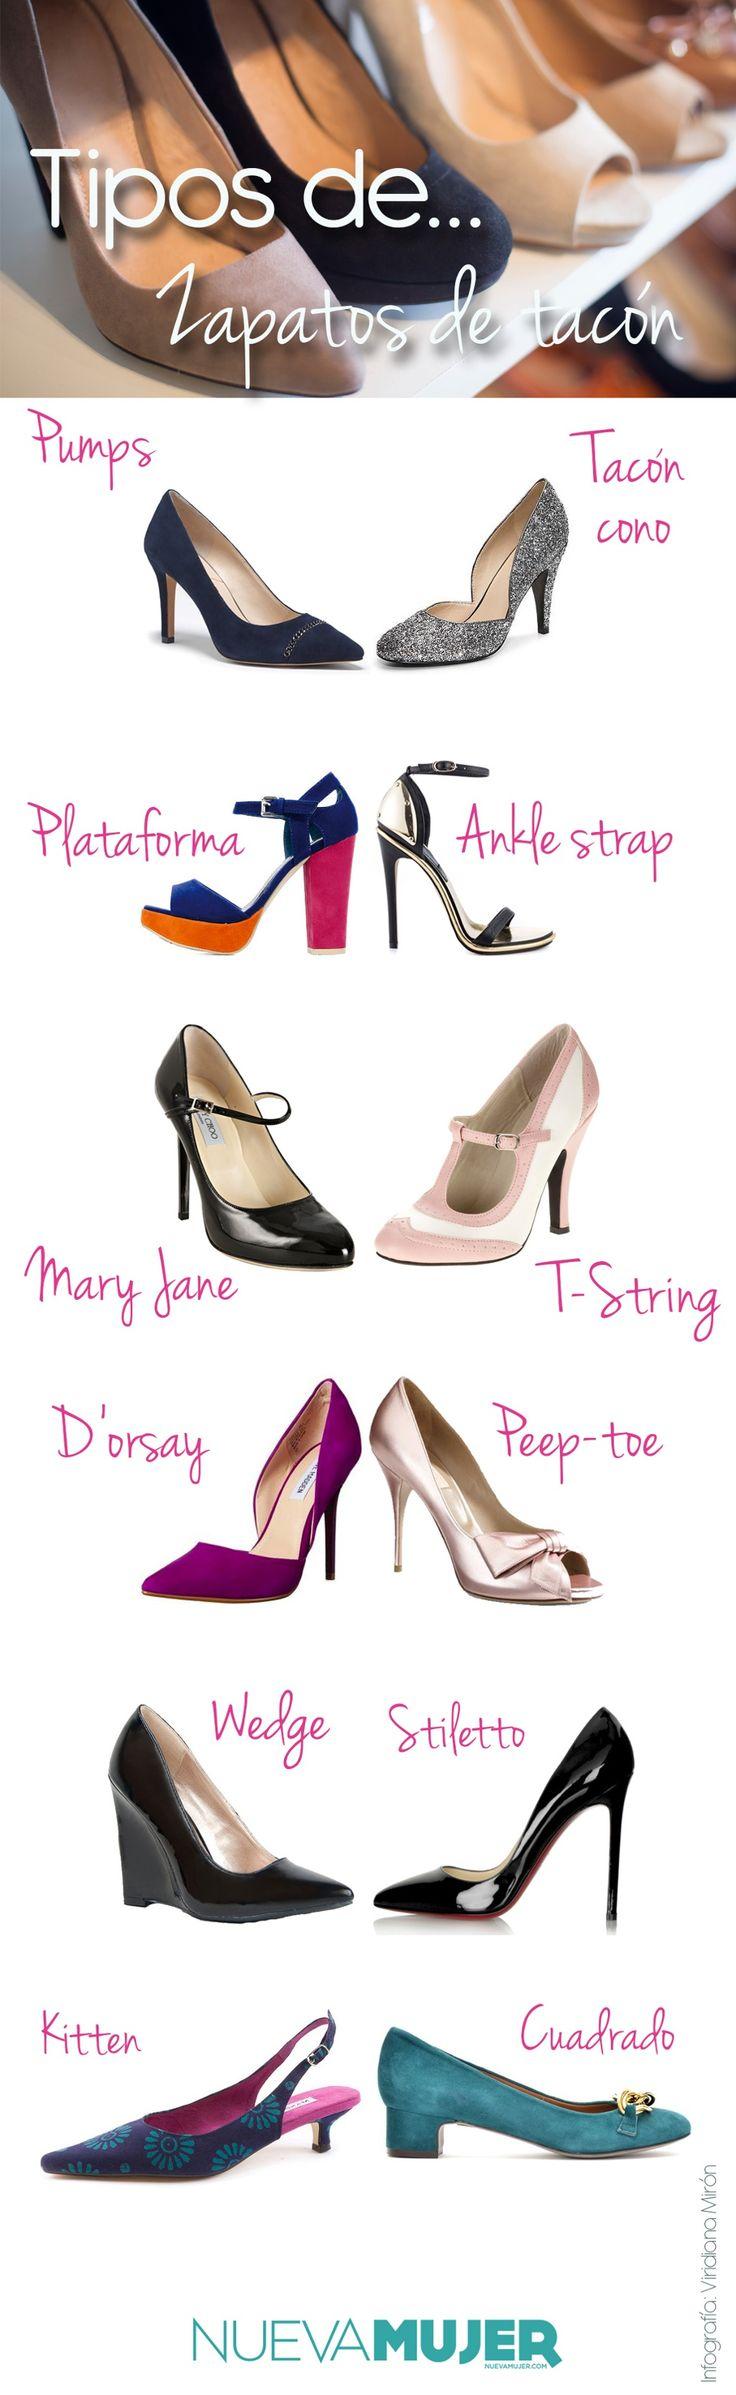 Tipos de zapatos, tacones y tacos ¿cómo se llaman y cuáles son? Pumps, stilettos, mary jane, kitten, peep toe y más